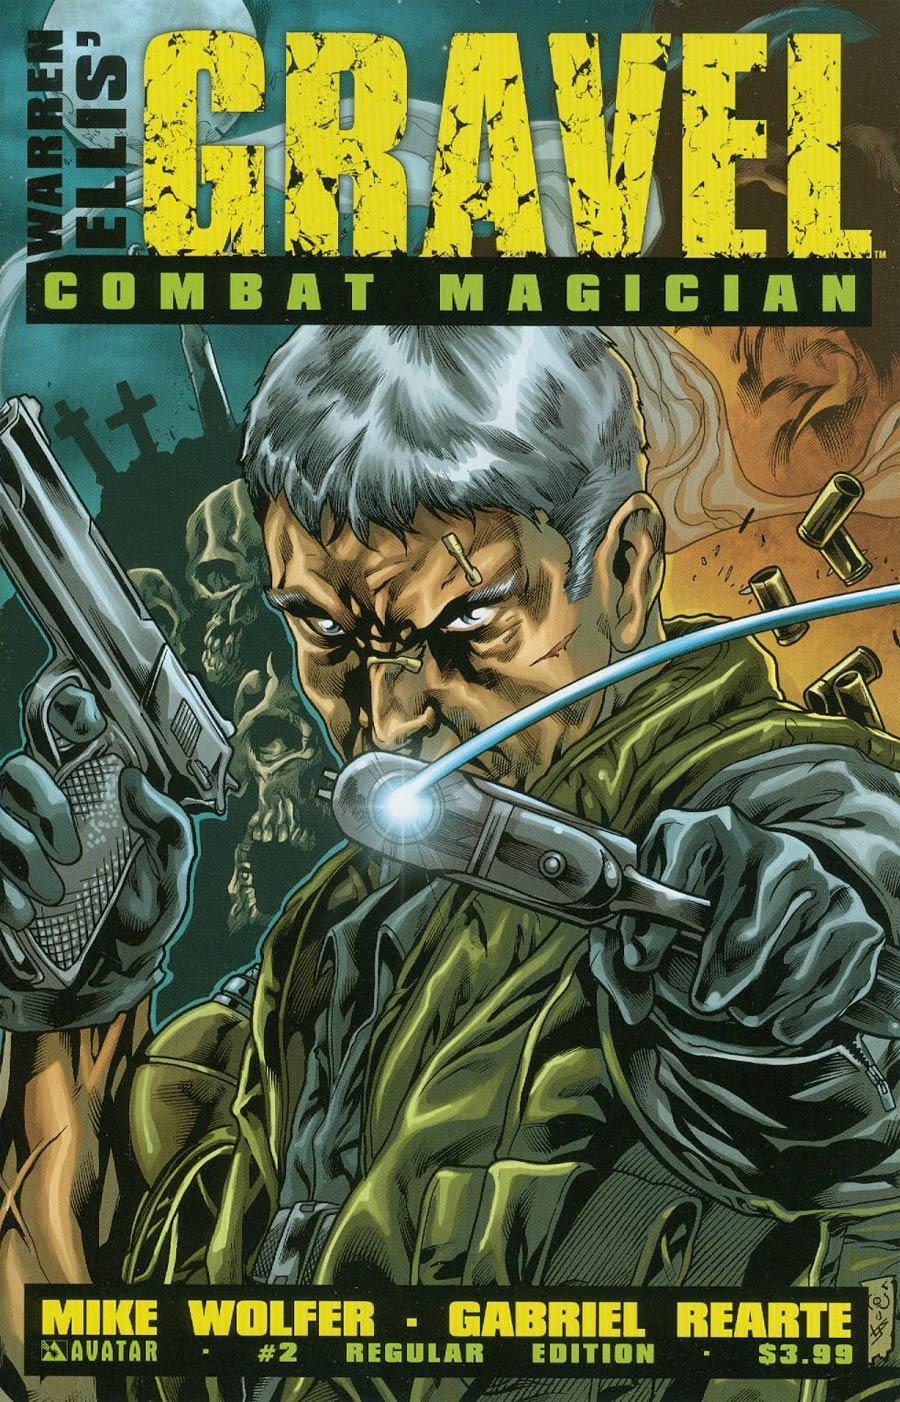 Gravel Combat Magician #2 Cover A Regular Cover